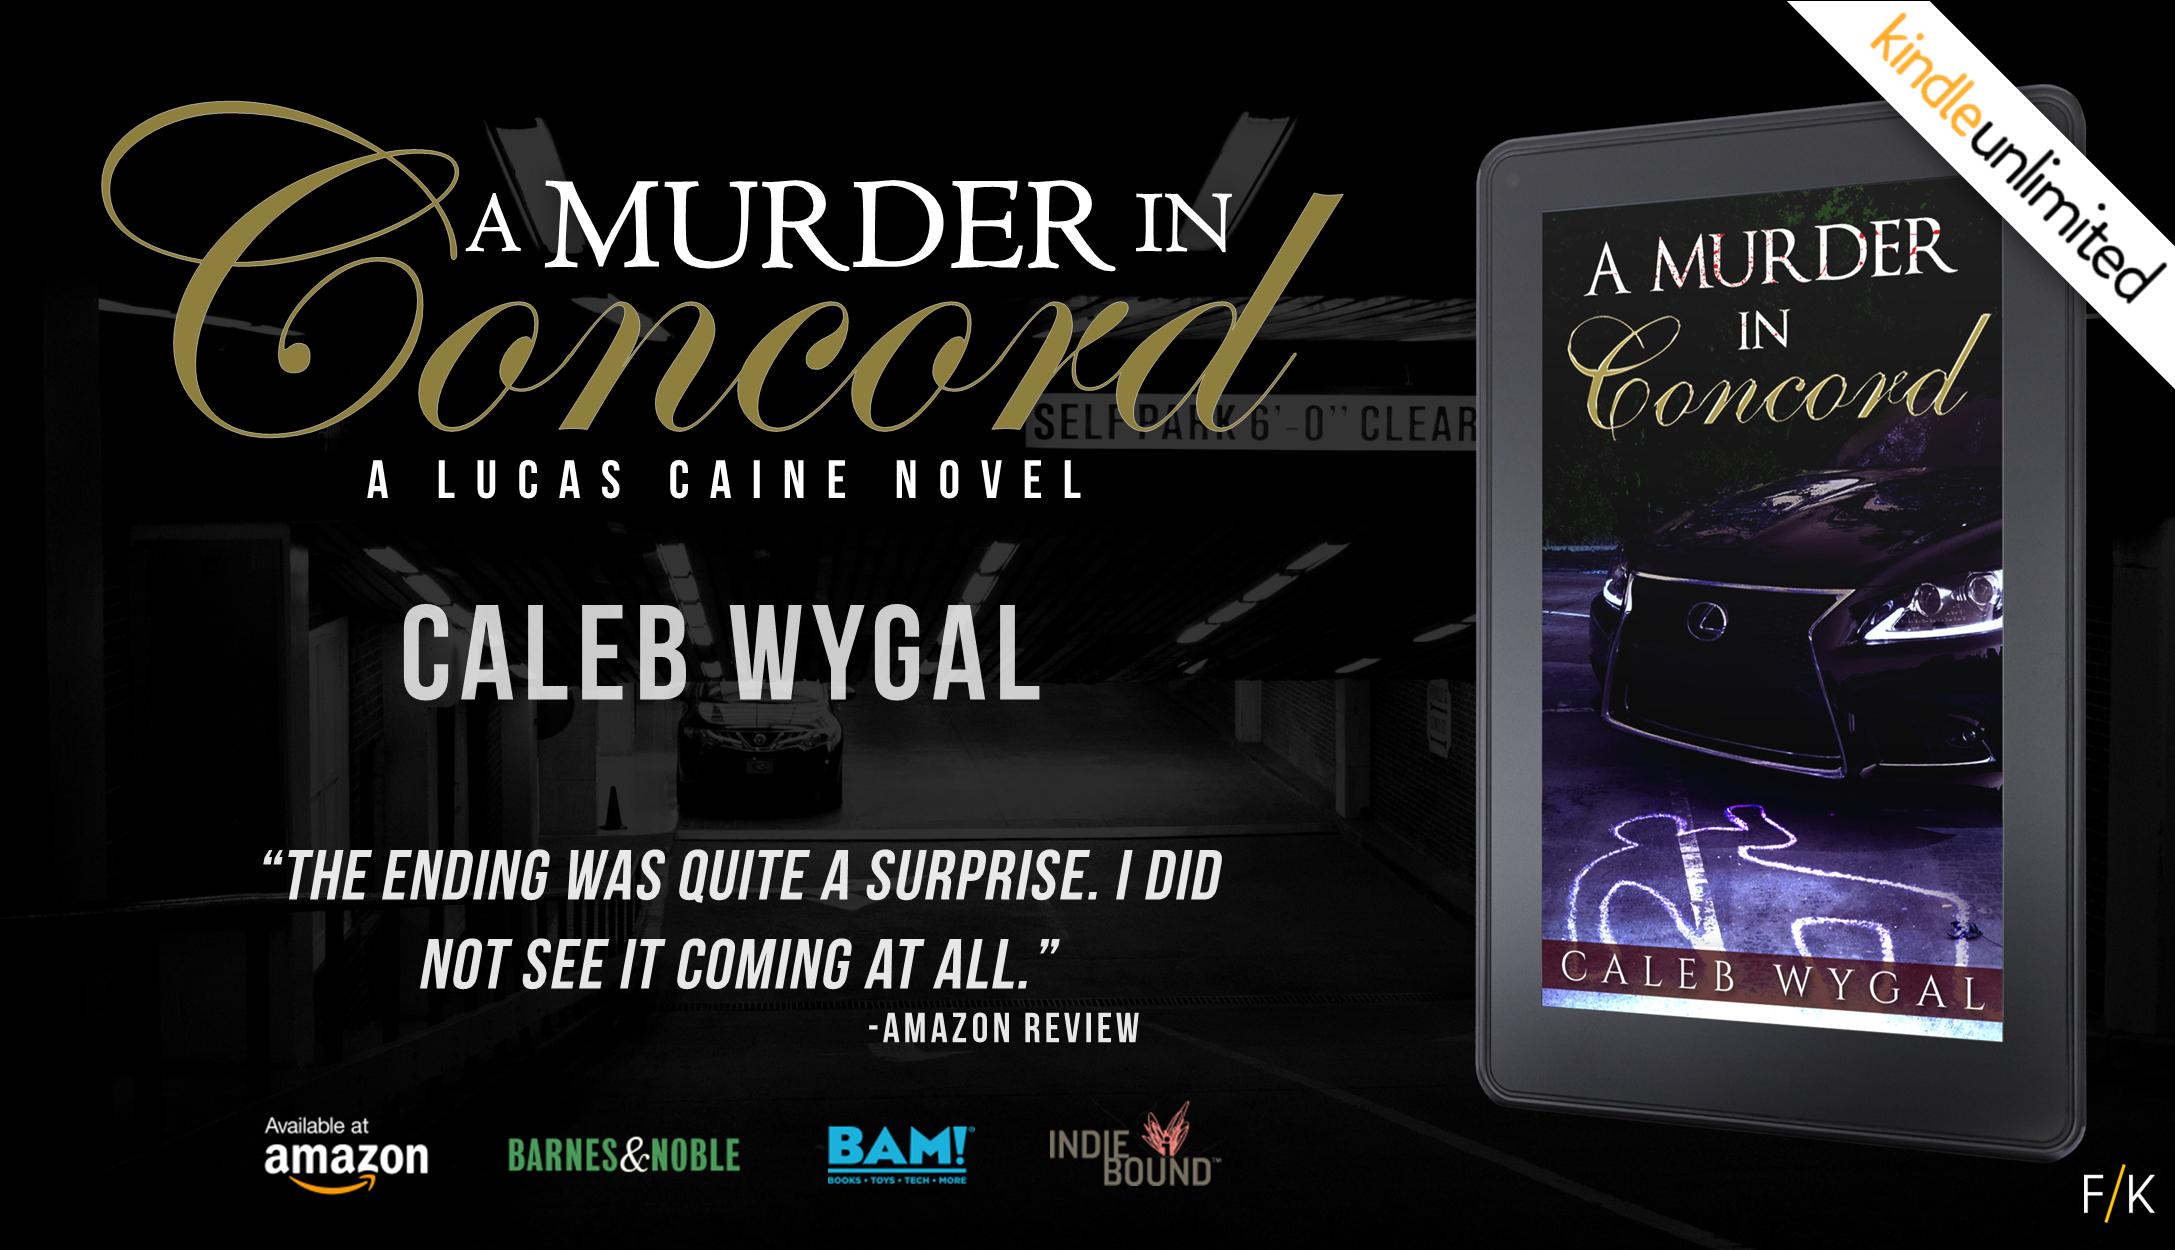 A Murder in Concord by Caleb Wygal